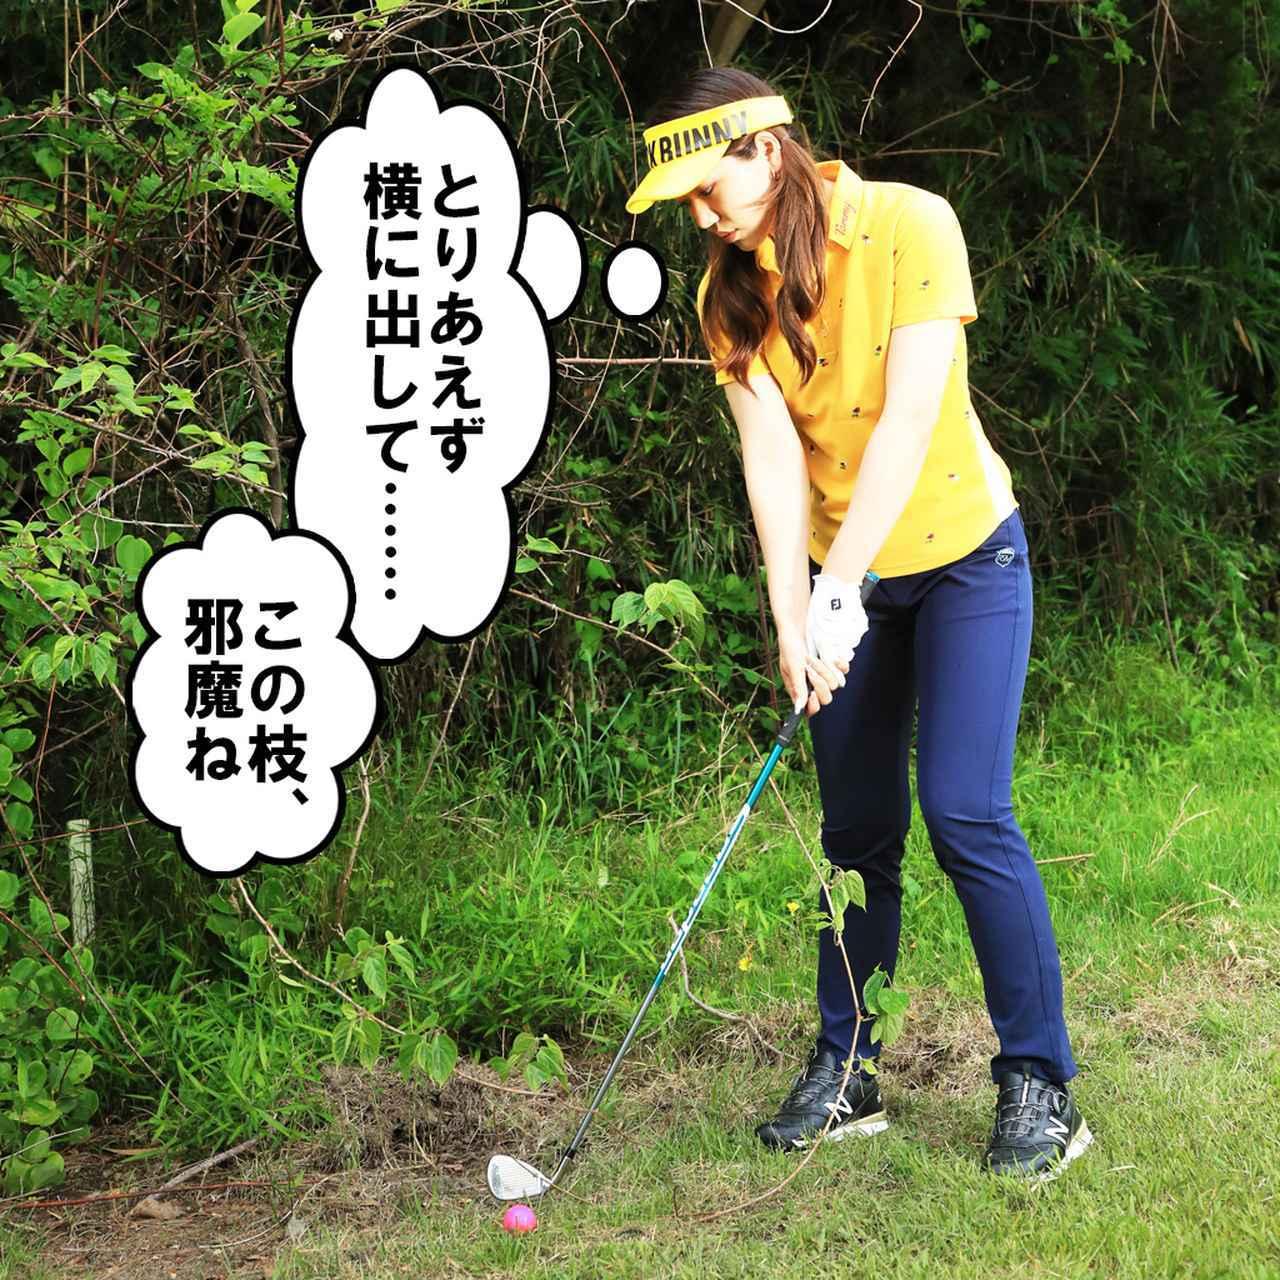 画像1: 【新ルール】スタンスで枝が邪魔だったので、踏んでアドレス。罰あり? なし?